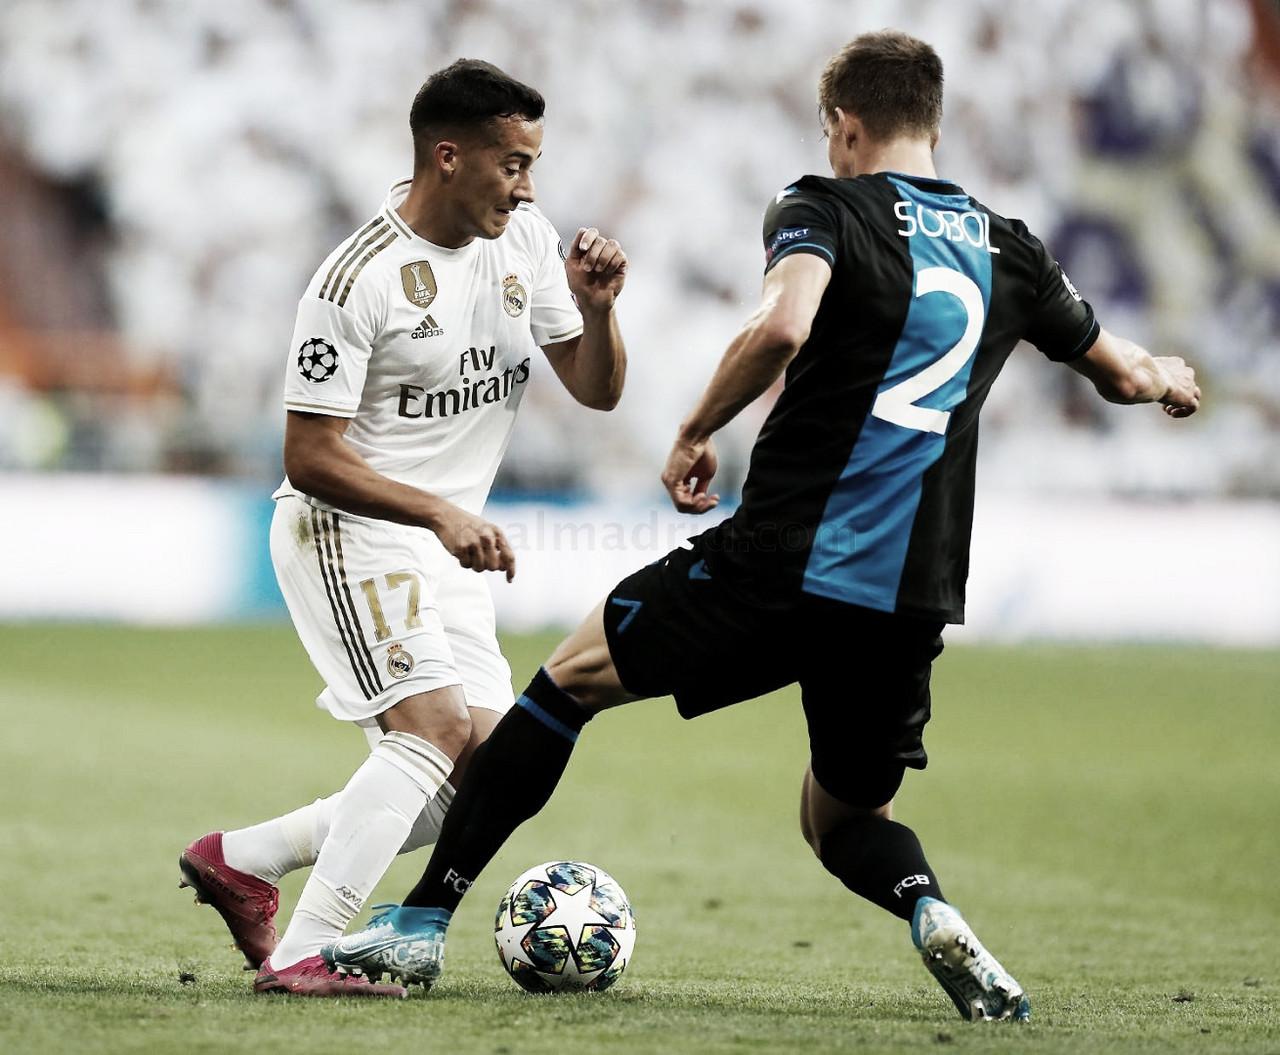 Contracrónica: Este Madrid ya no intimida